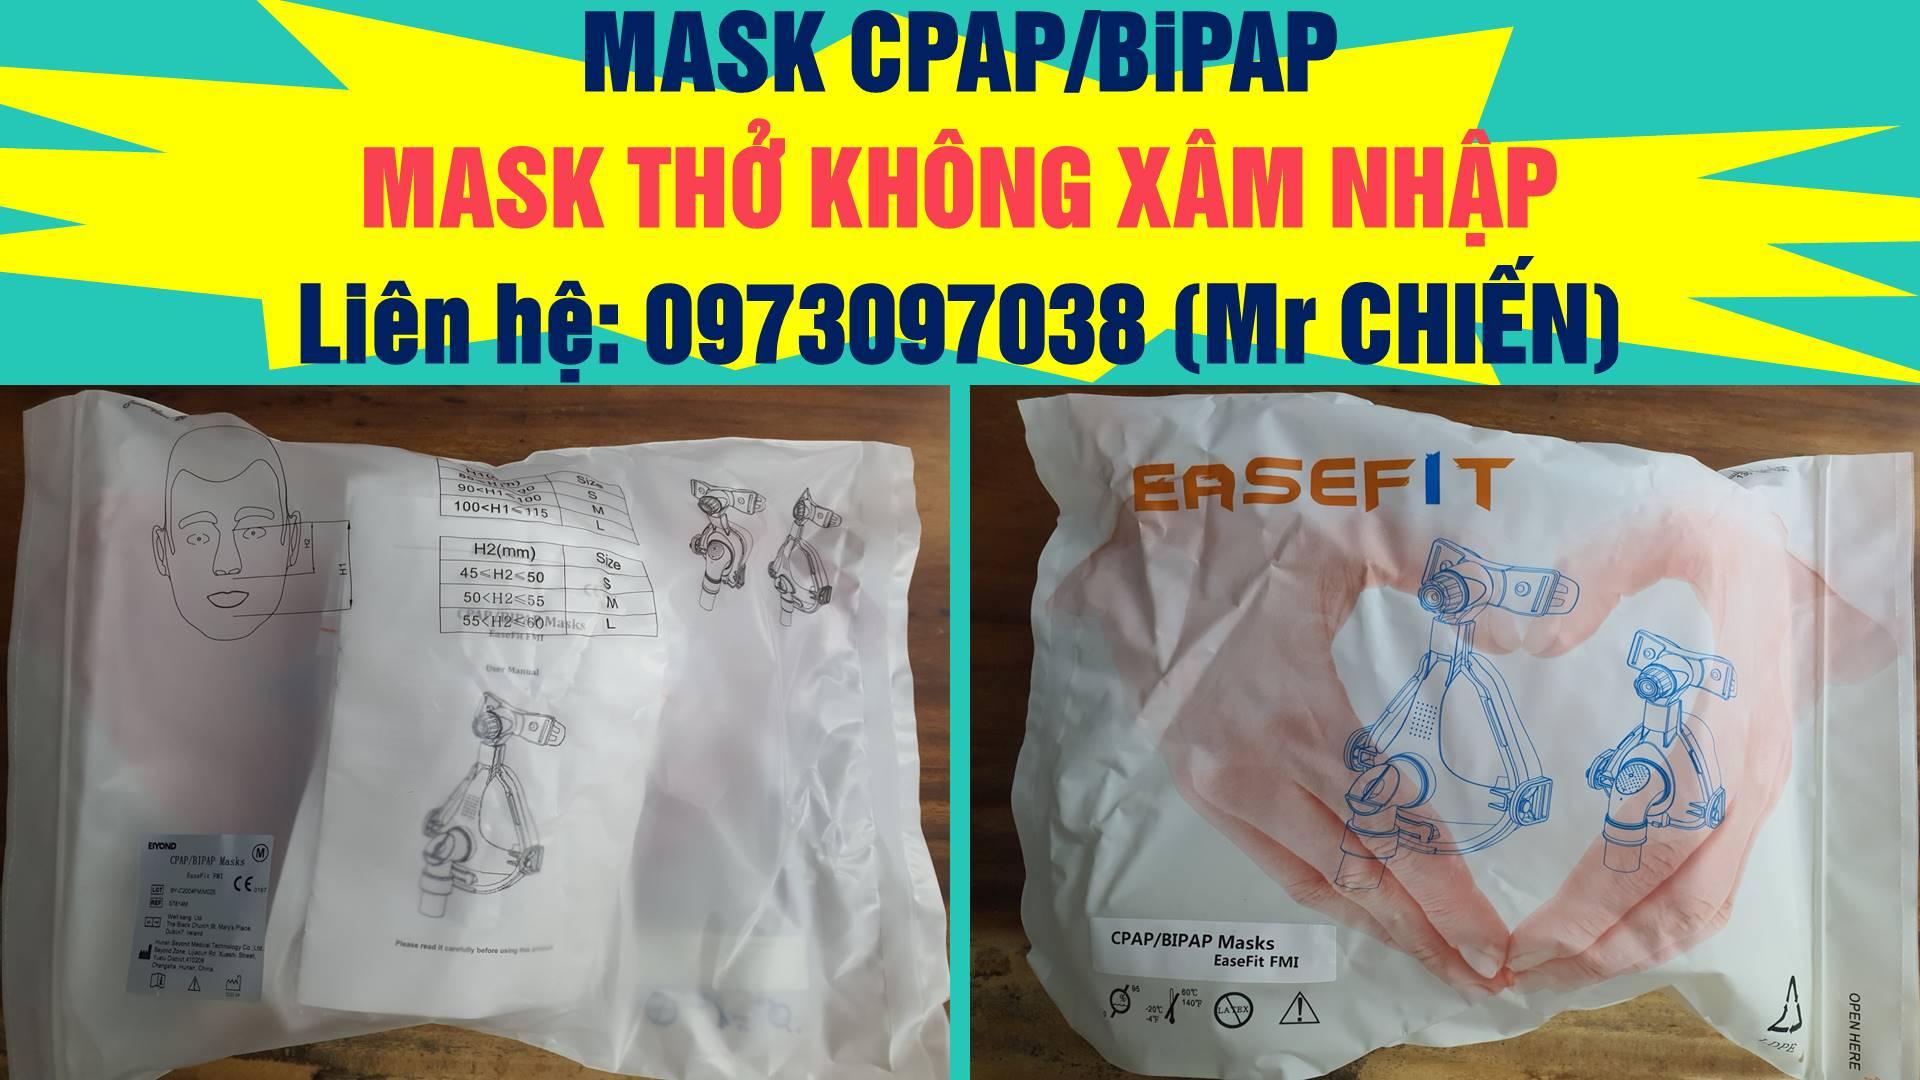 Mask thở không xâm nhập| Mask CPAP/ BiPAP